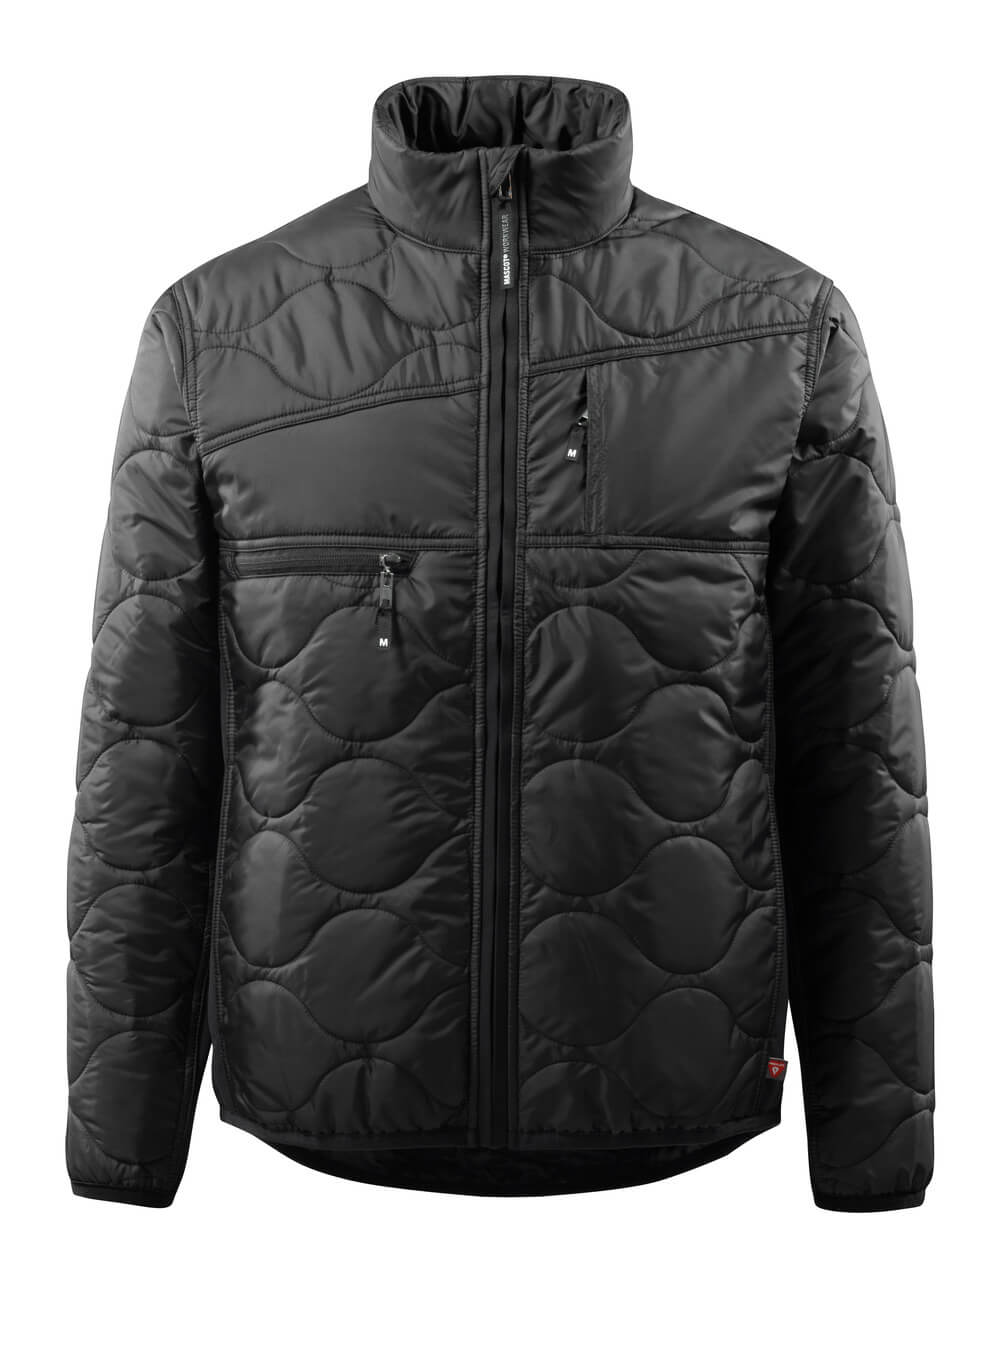 15215-998-09 Thermal Jacket - black